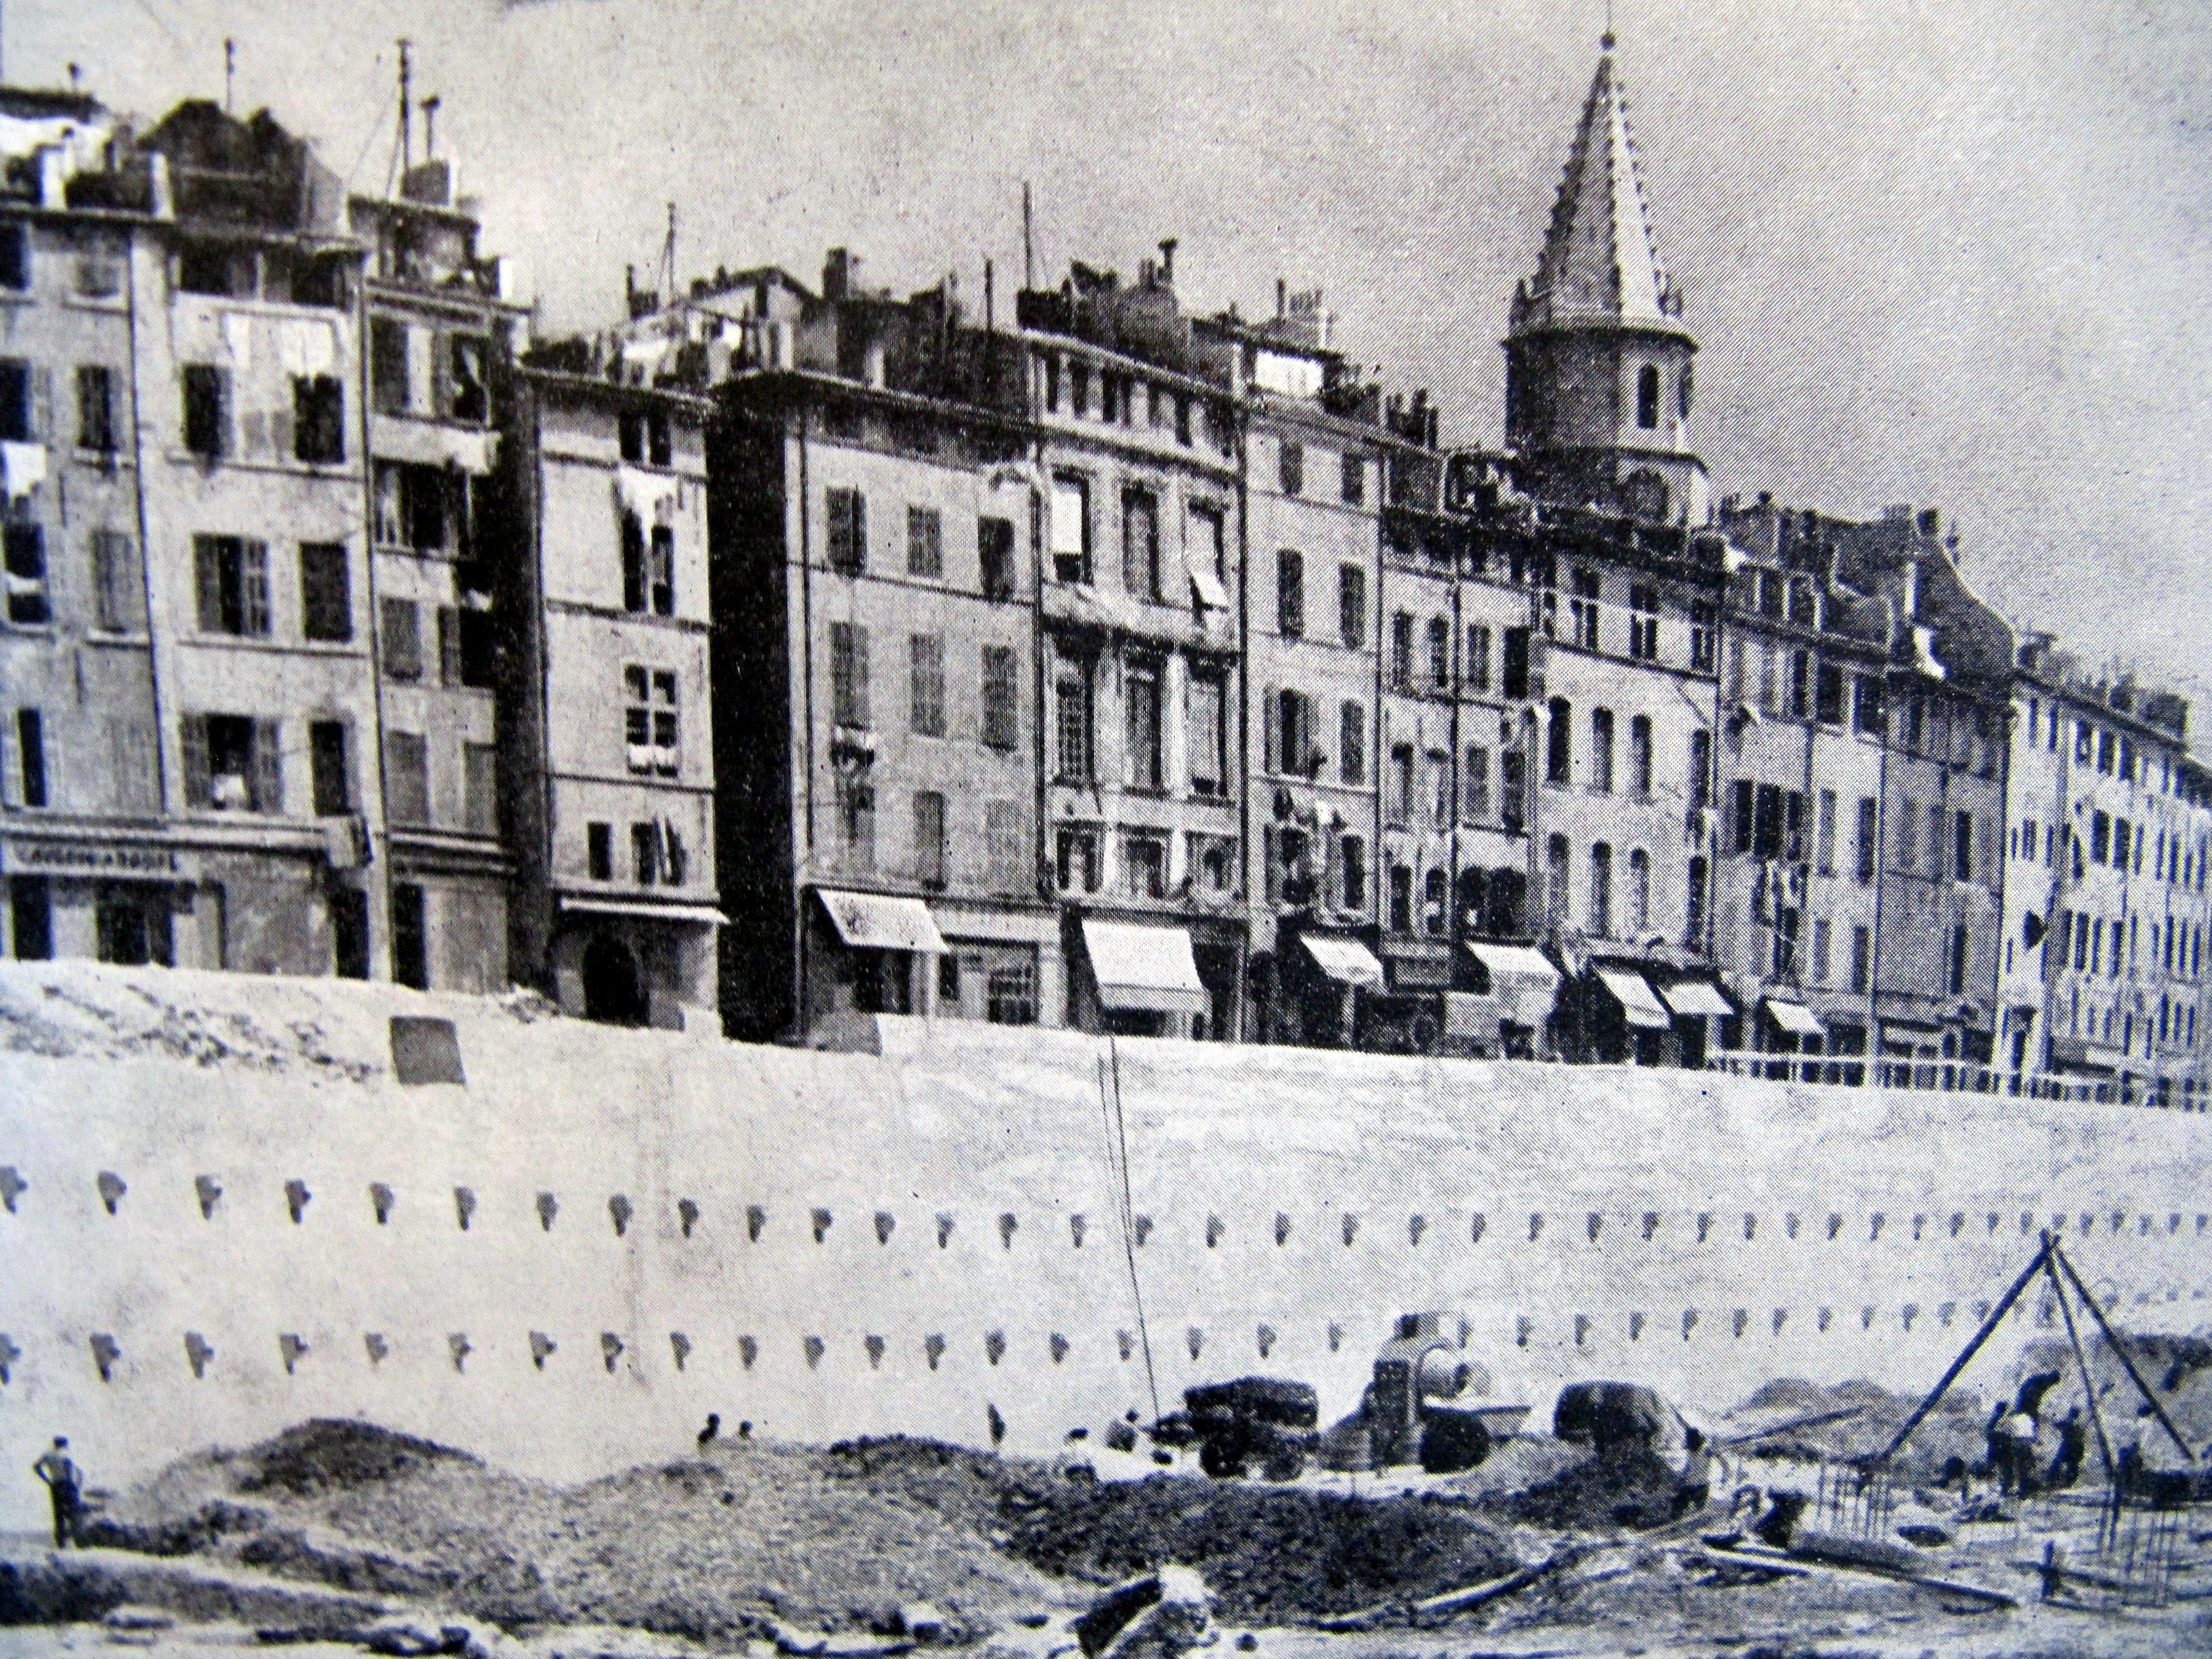 La Reconstruction Du Vieux Port A Marseille Entre 1947 Et 1958 Si L Operation Urbaine De Reconstruction Du Vieux Port Releve Vieux Port Ville France Marseille